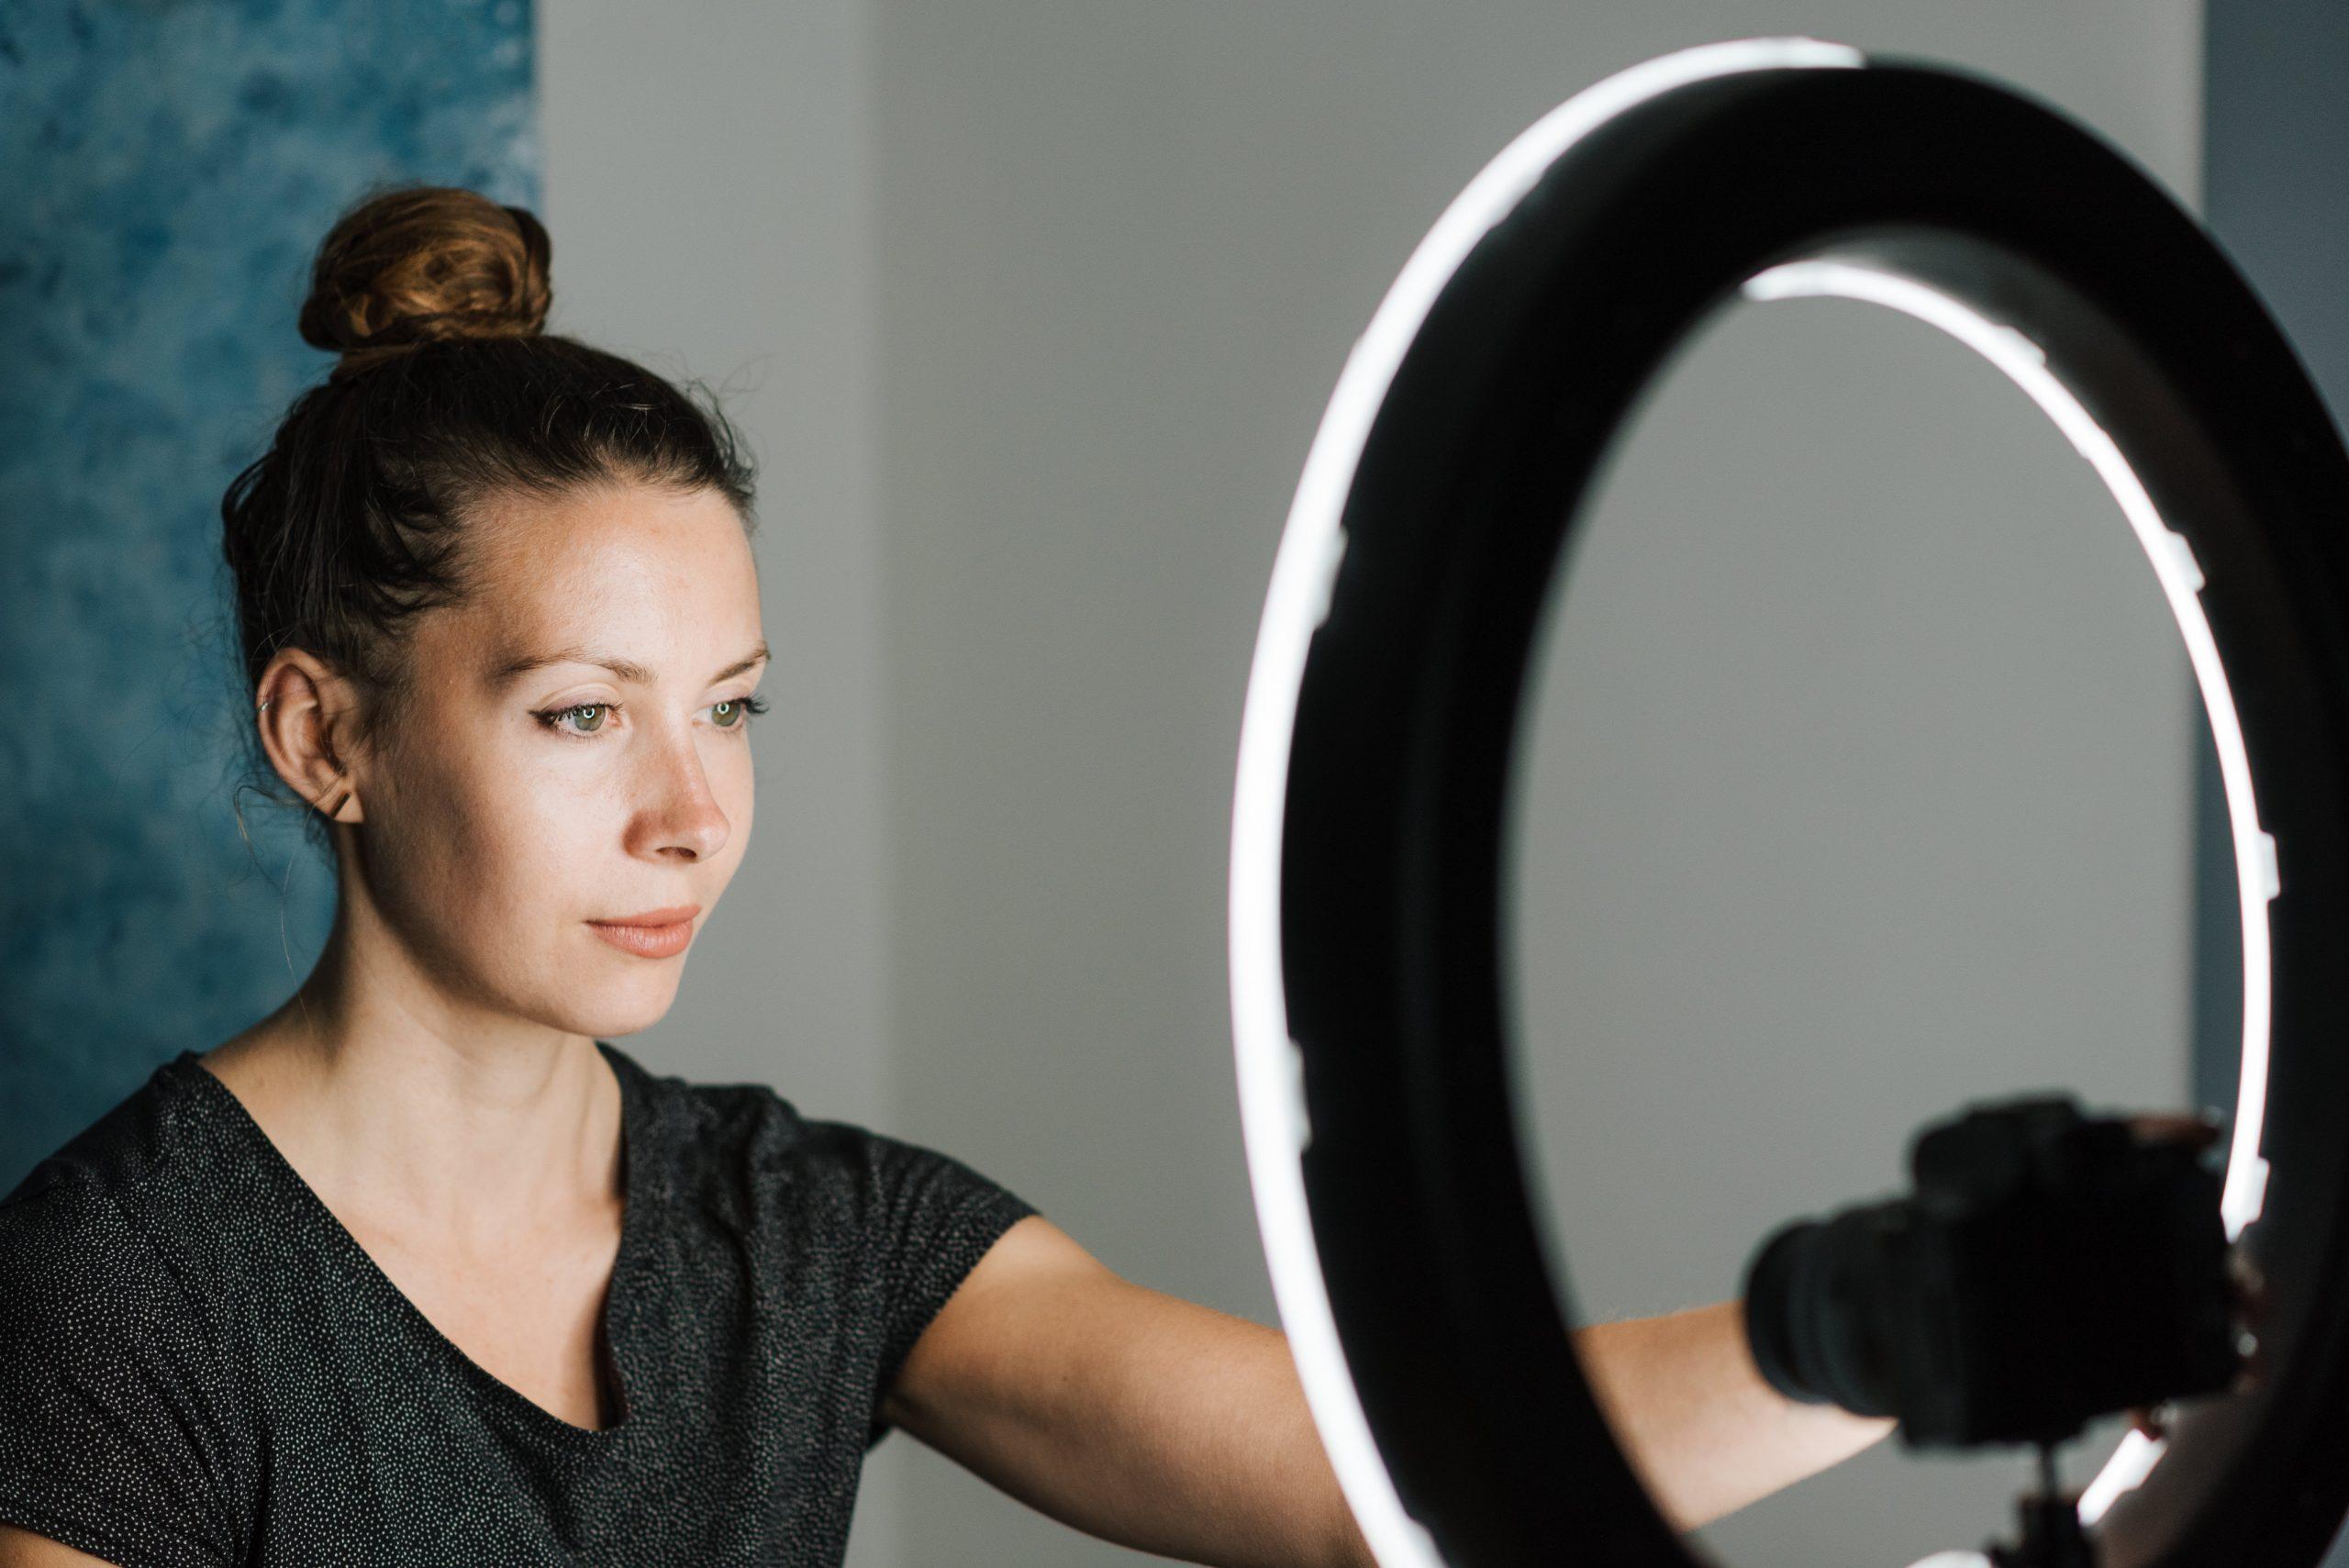 Imagem de uma mulher ajustando um ring light.